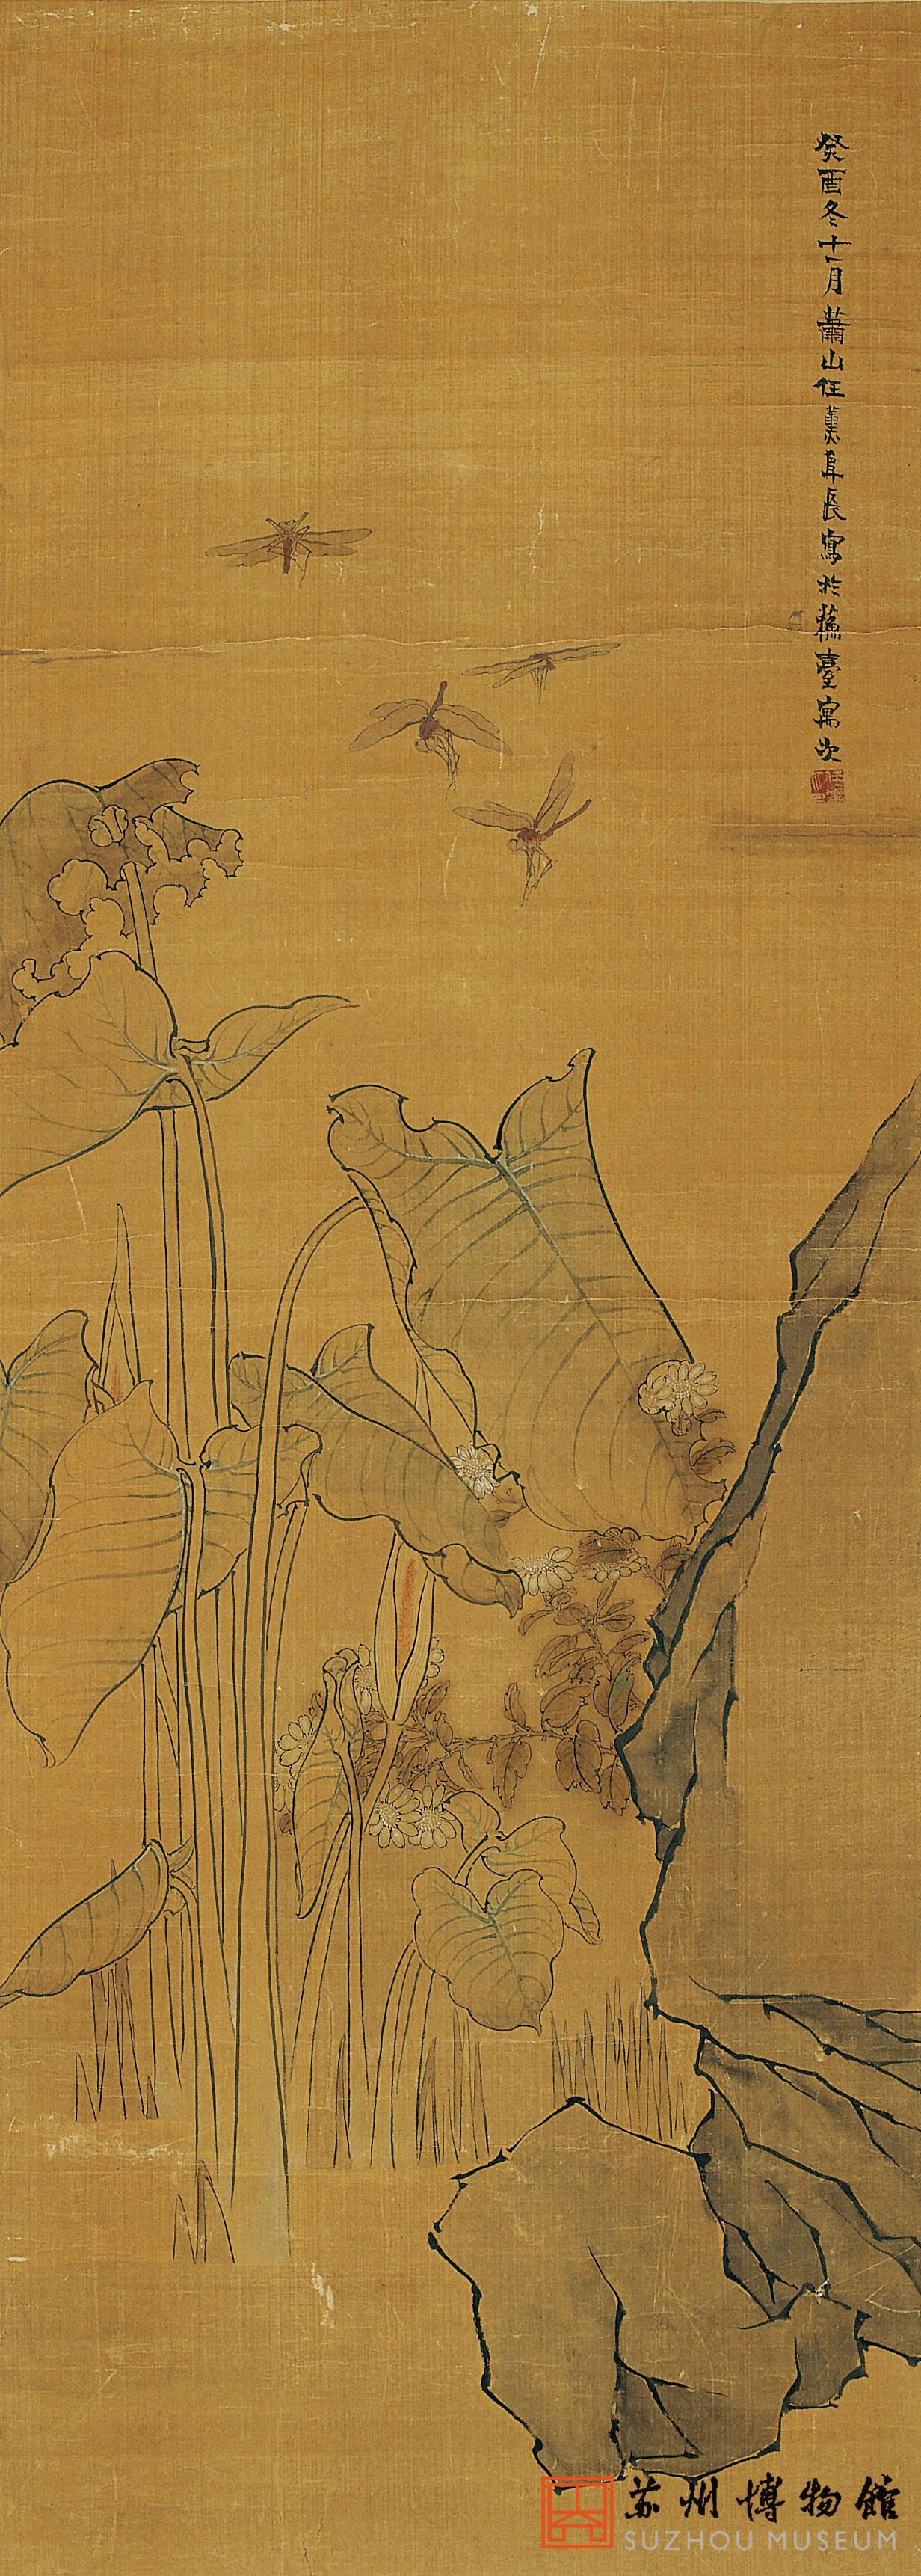 SZML-1597_P185-109-任薰-茹叶蜻蜓图_shuiyin.jpg